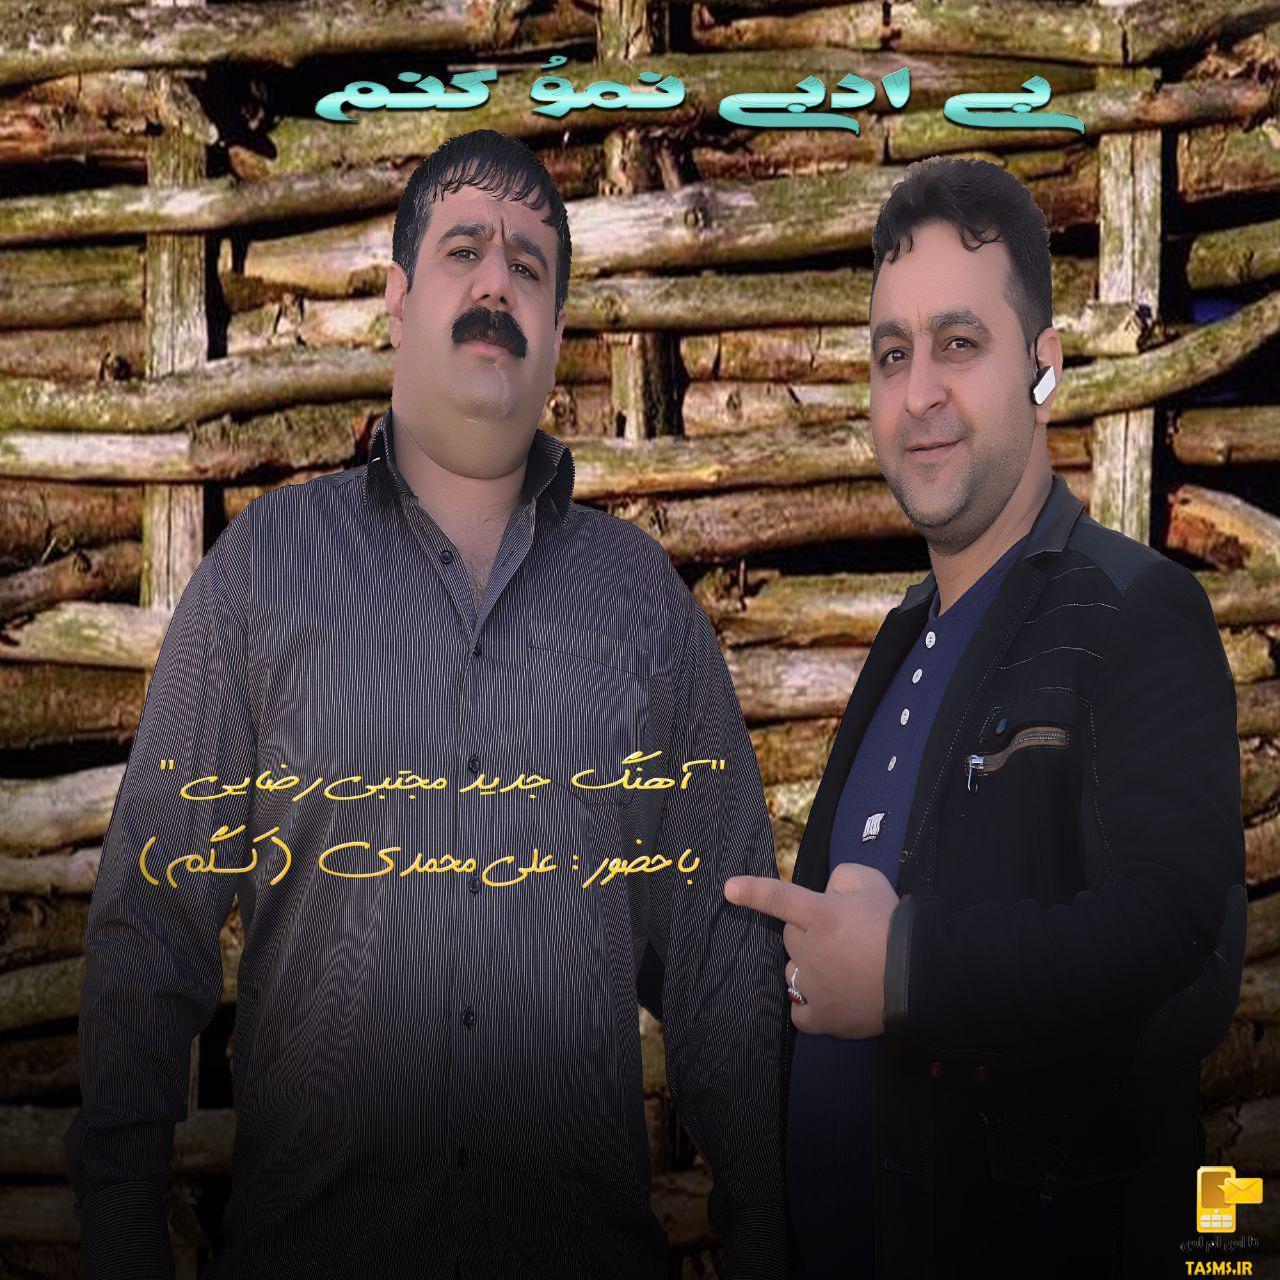 آهنگ جدید مجتبی رضایی به نام بی ادبی نمکنم کسگم